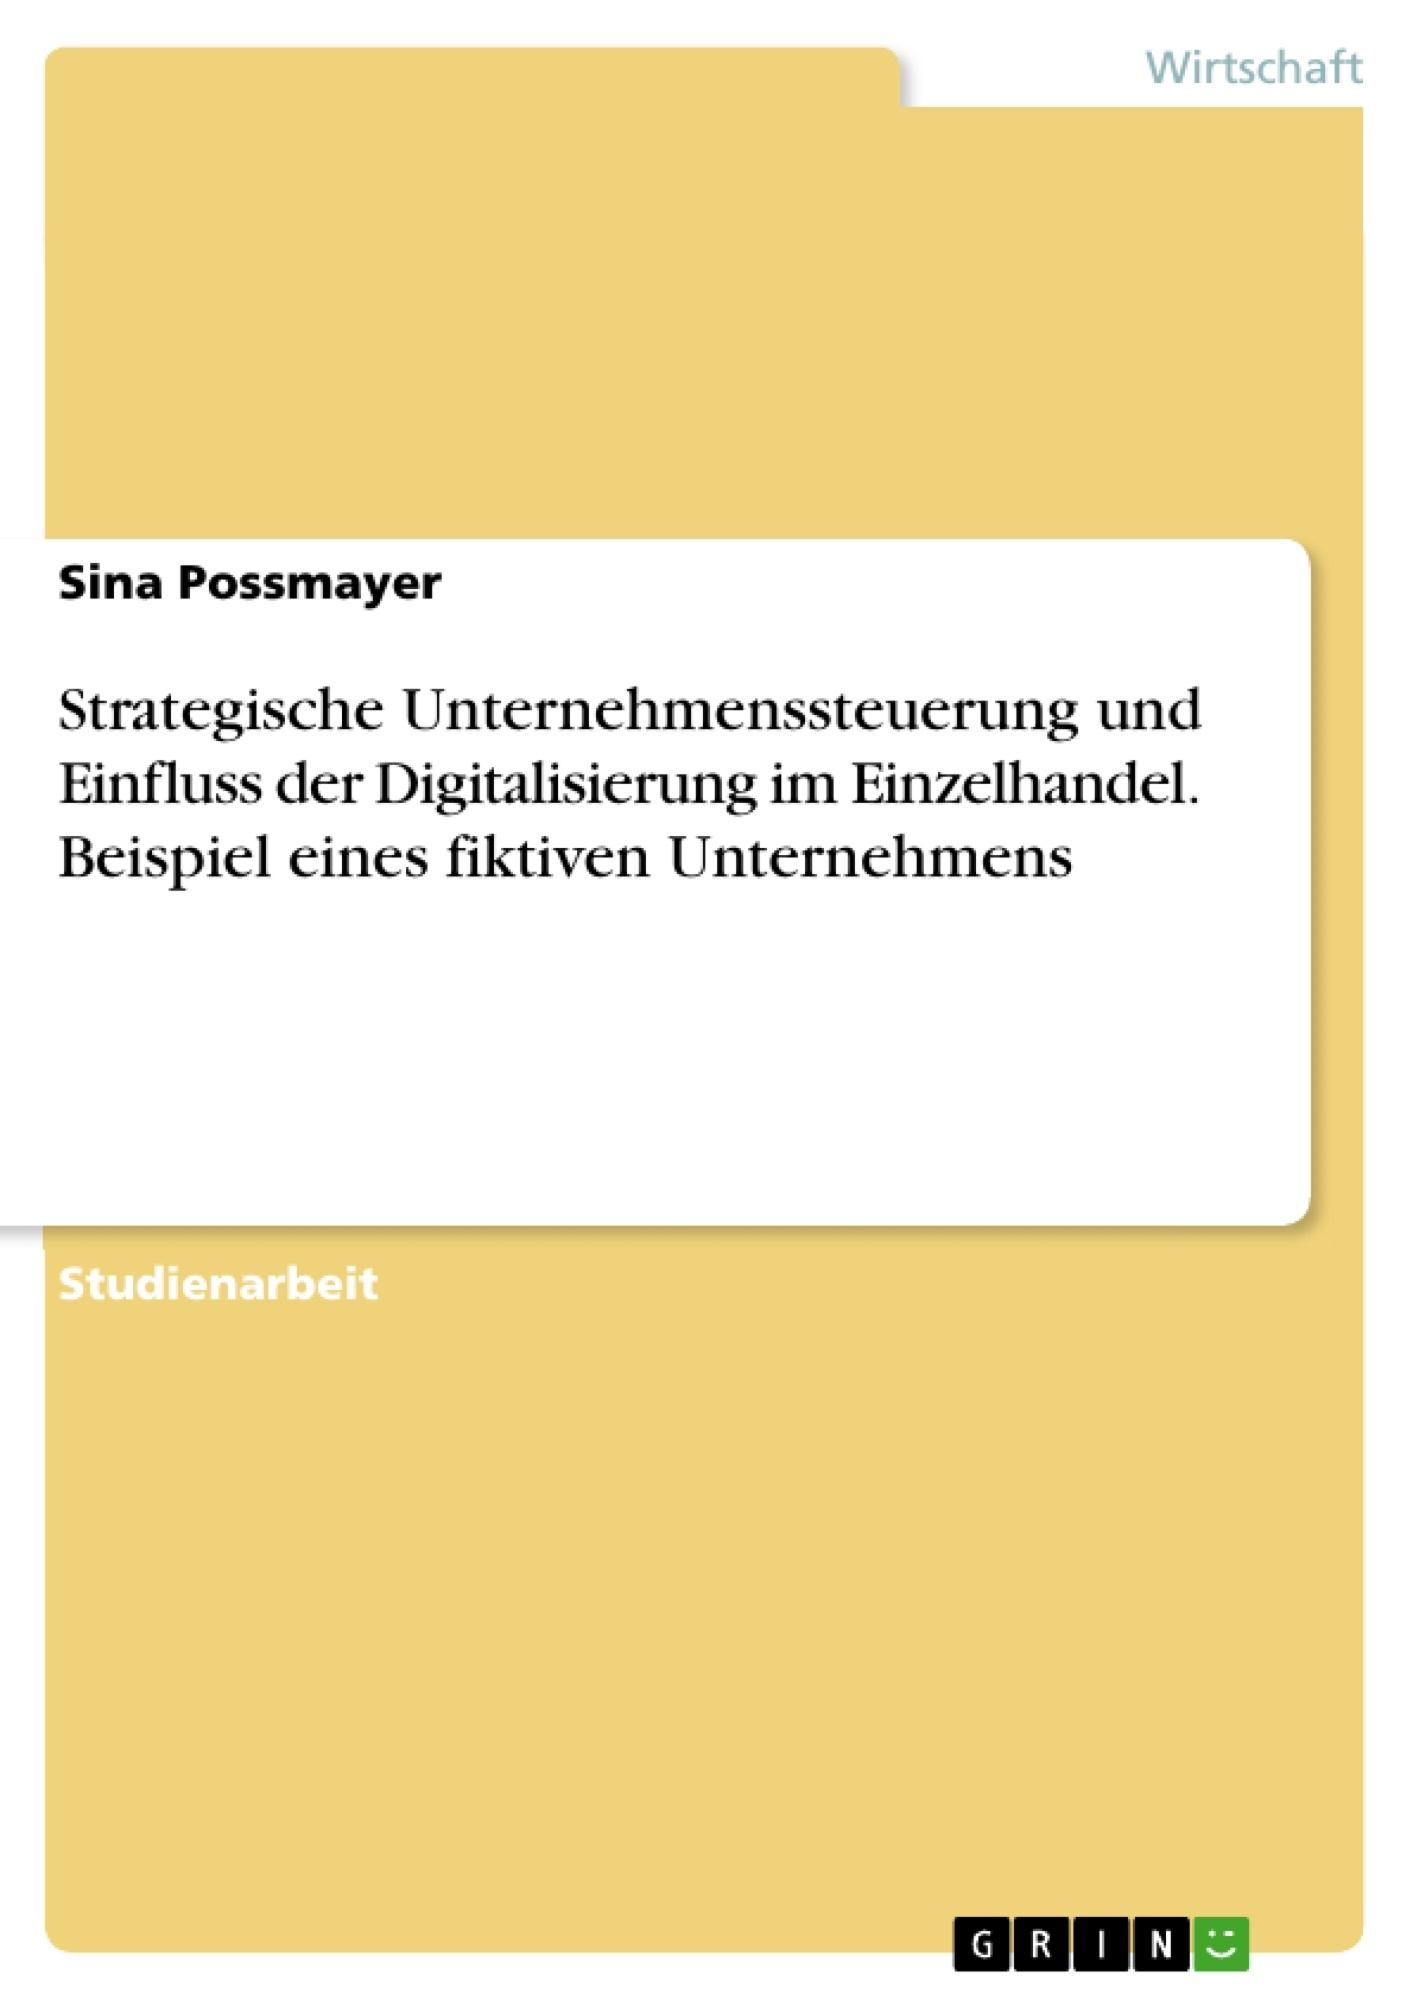 Titel: Strategische Unternehmenssteuerung und Einfluss der Digitalisierung im Einzelhandel. Beispiel eines fiktiven Unternehmens